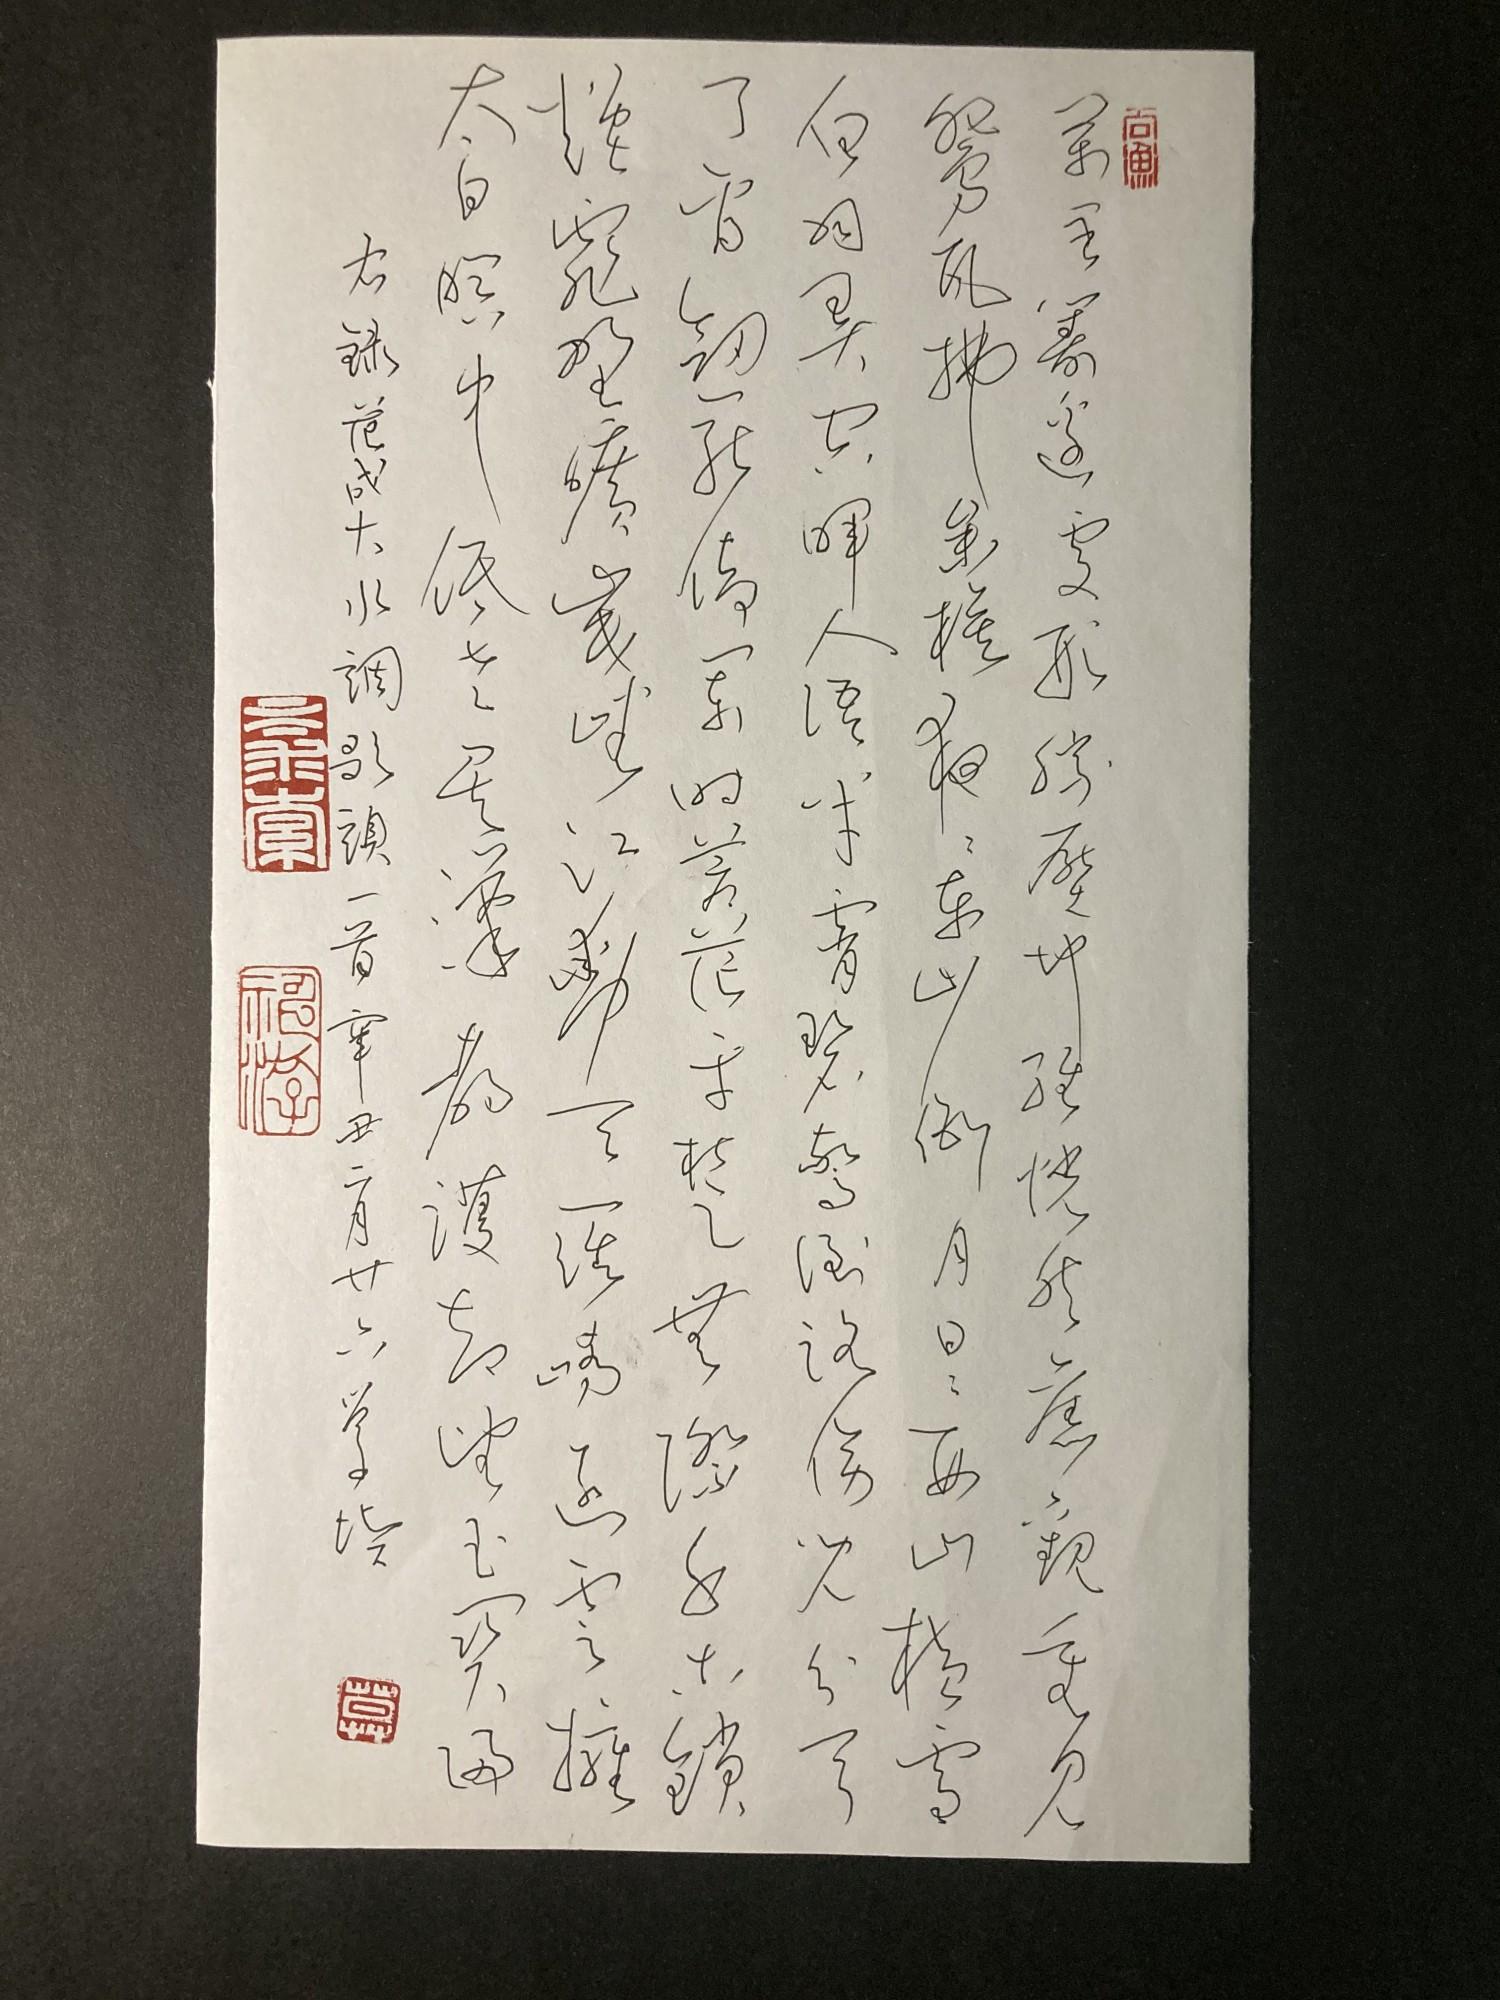 钢笔爱好者练字打卡20210413-15